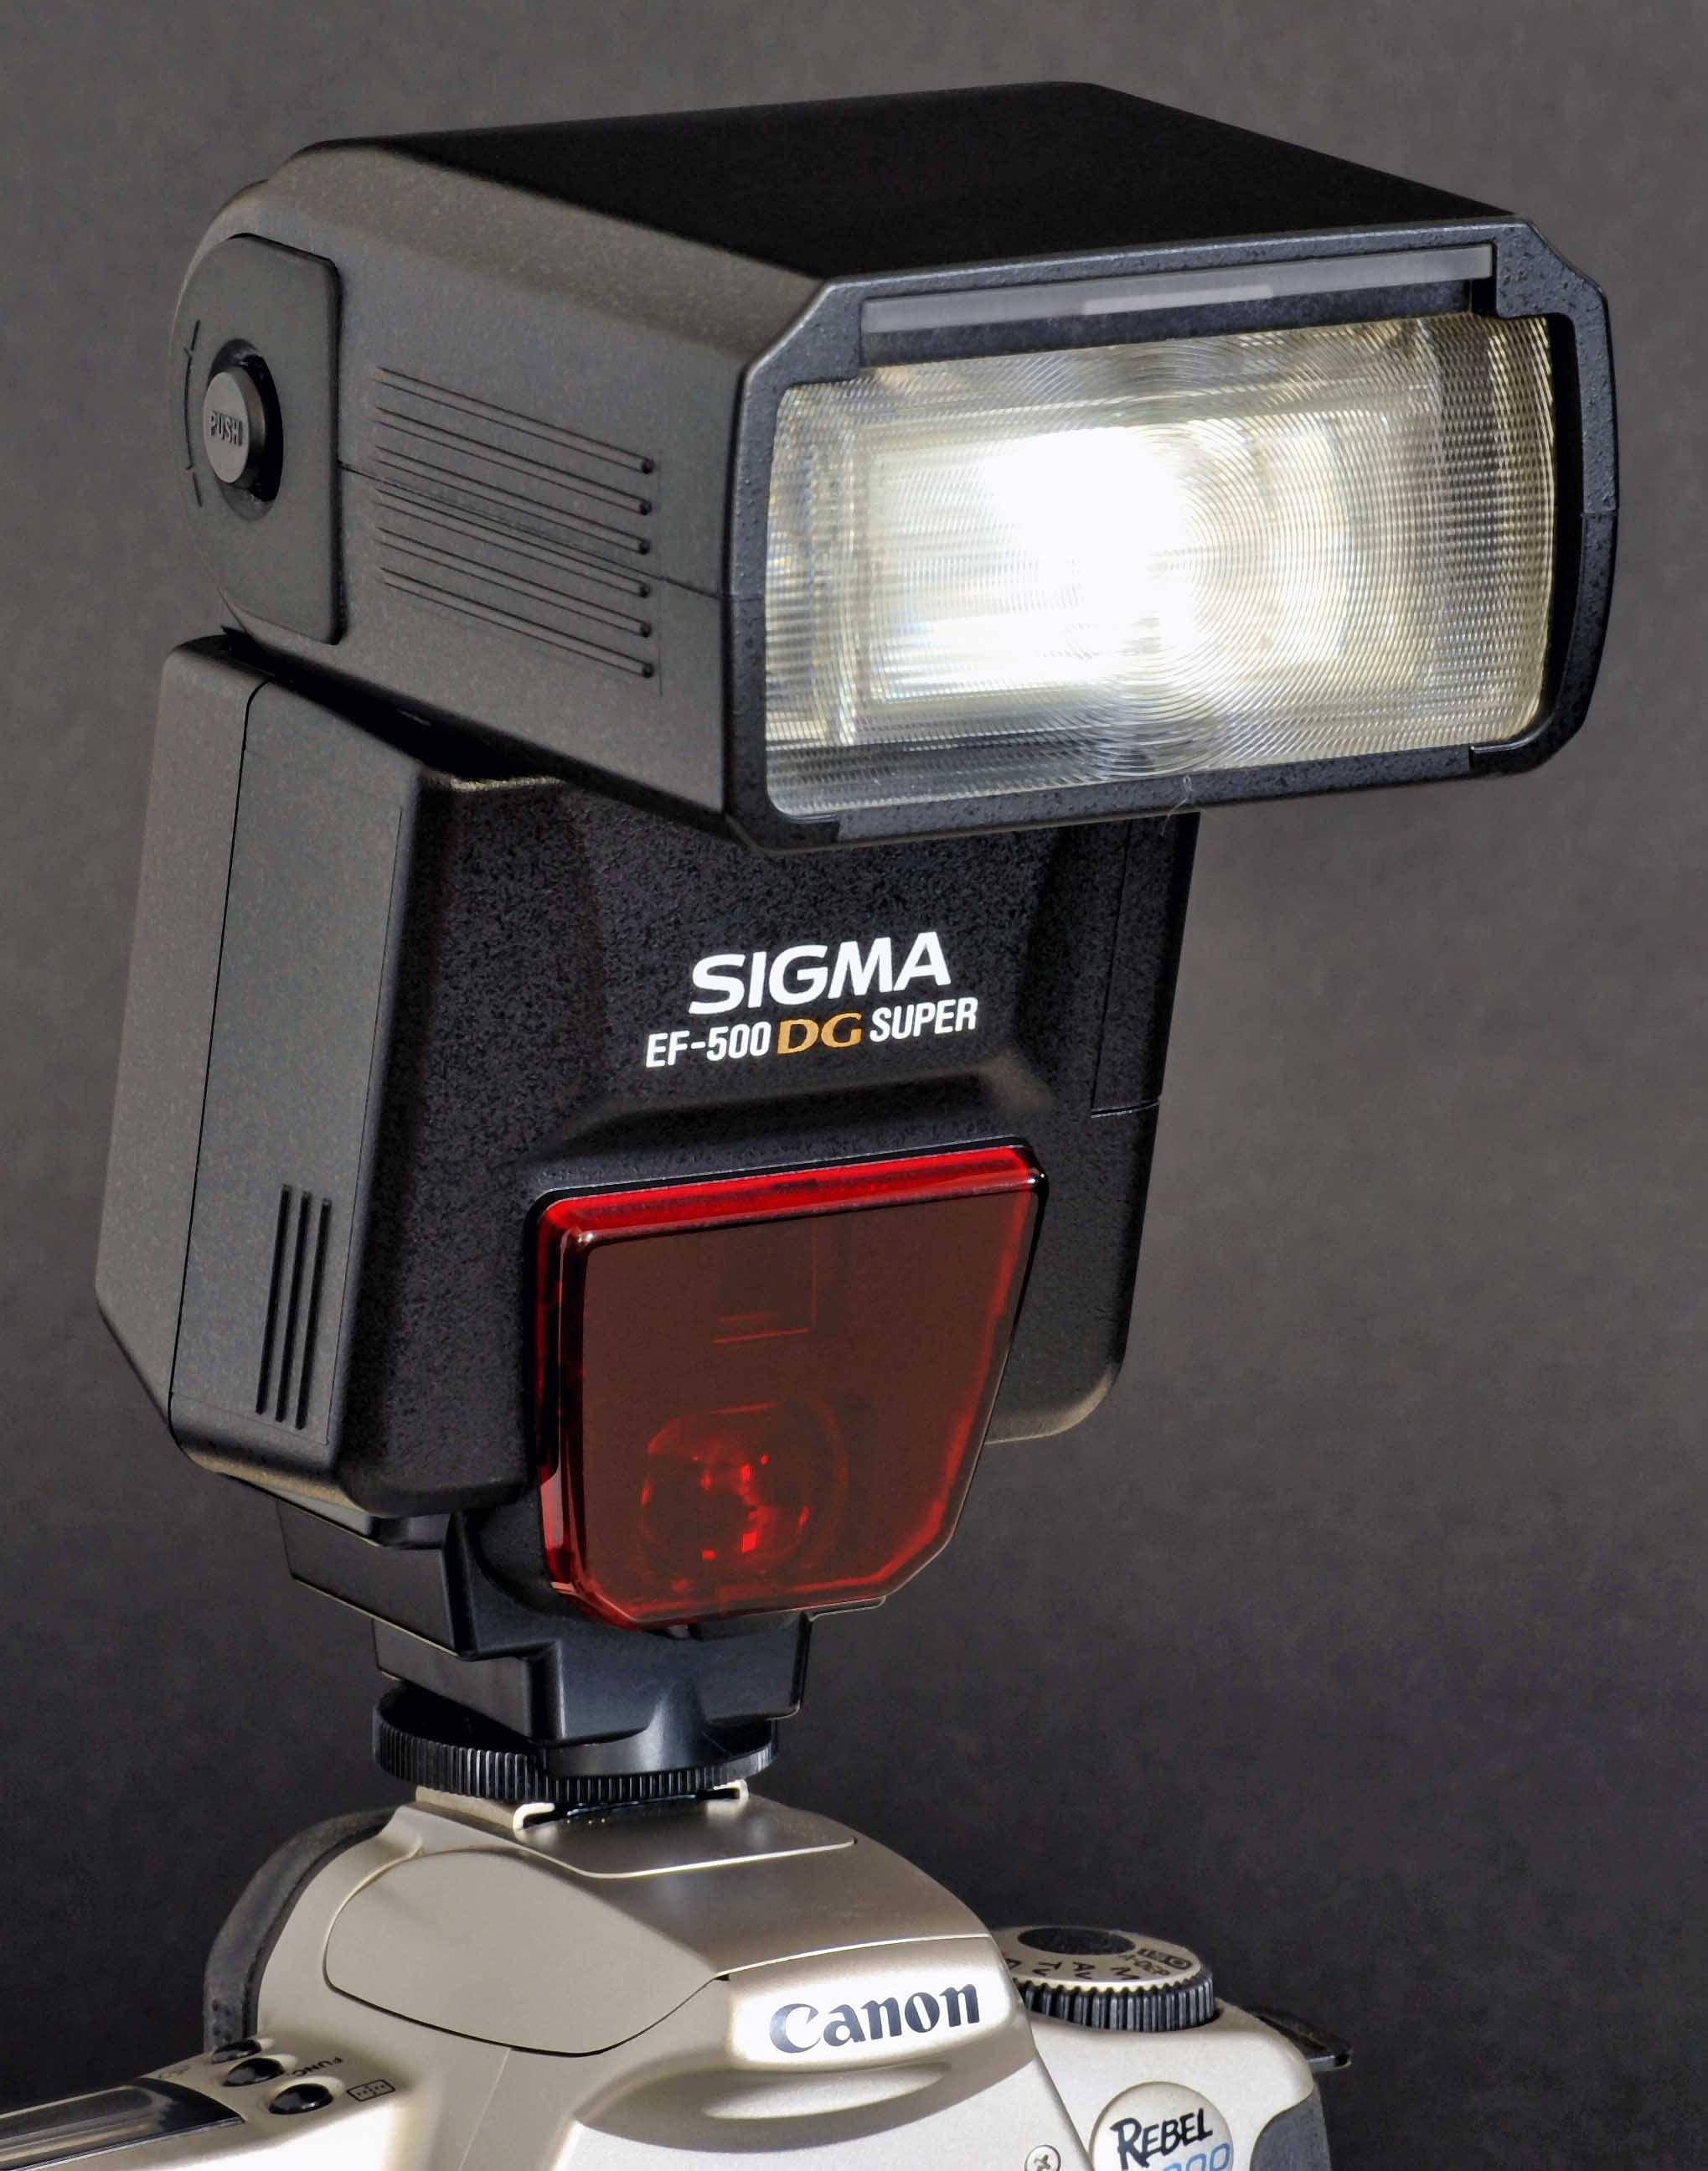 Sigma ef-500 dg super pa manuals.